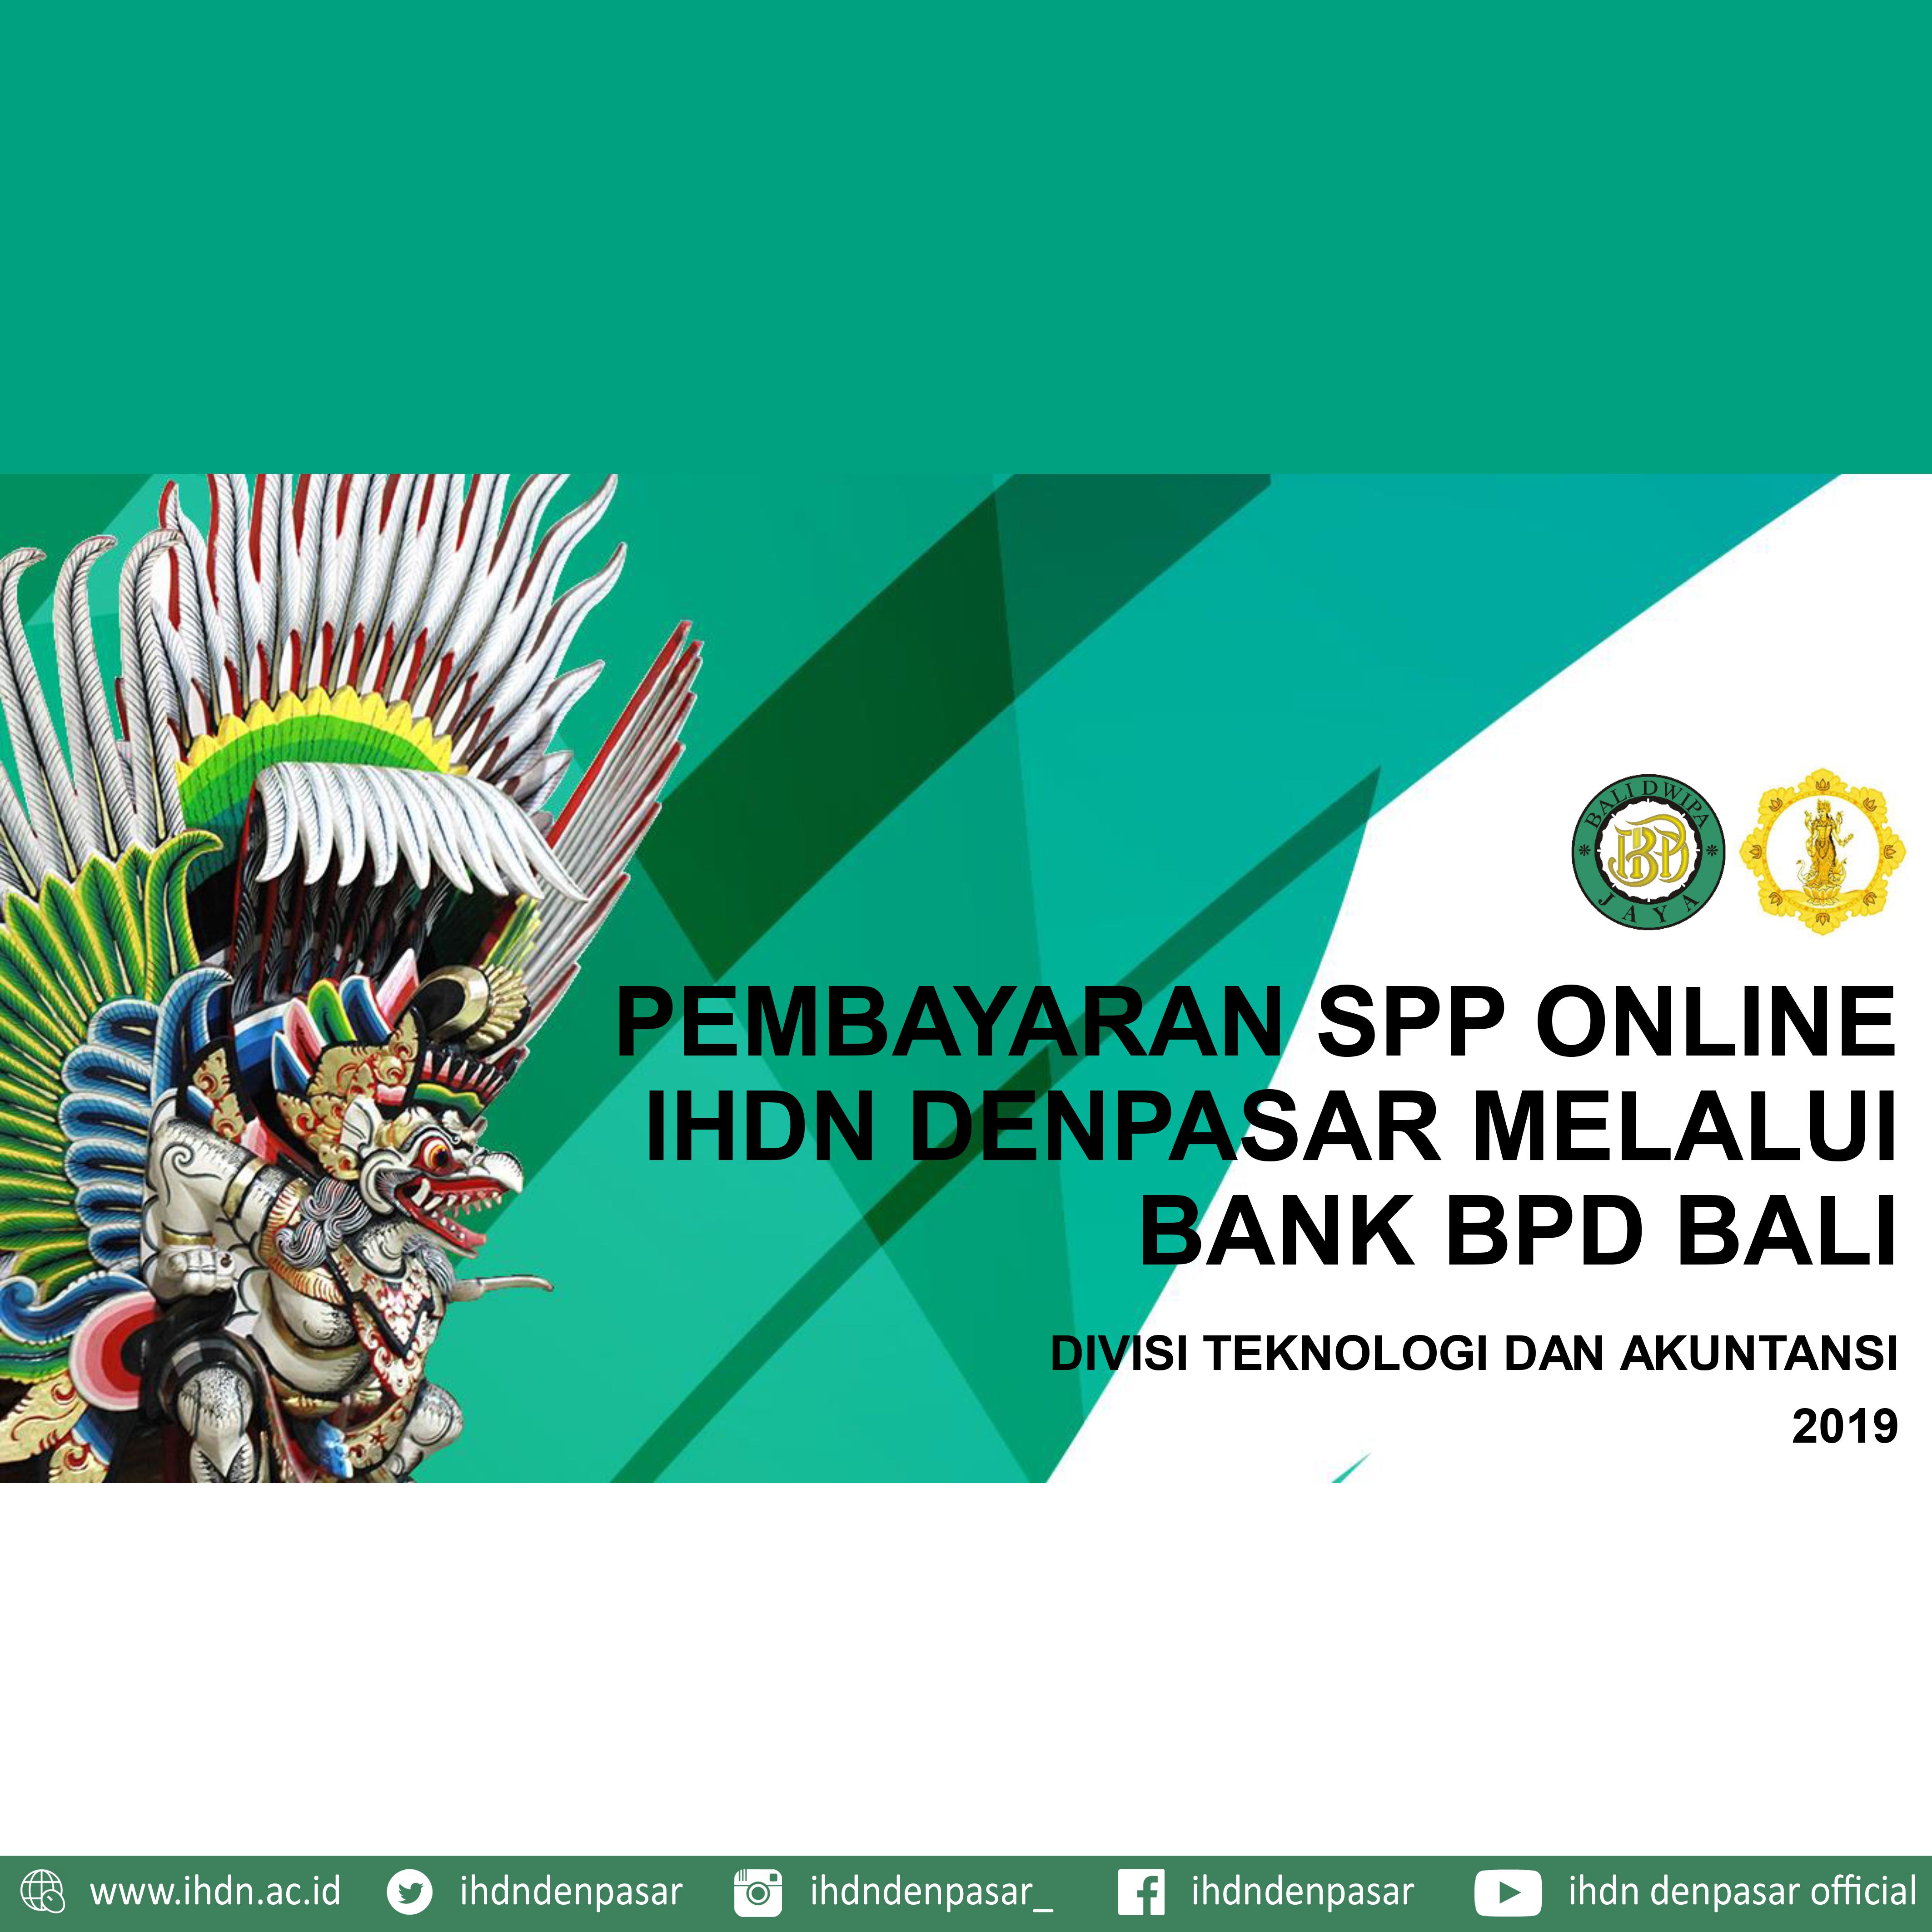 ALUR PEMBAYARAN SPP ONLINE IHDN DENPASAR MELALUI BANK BPD BALI